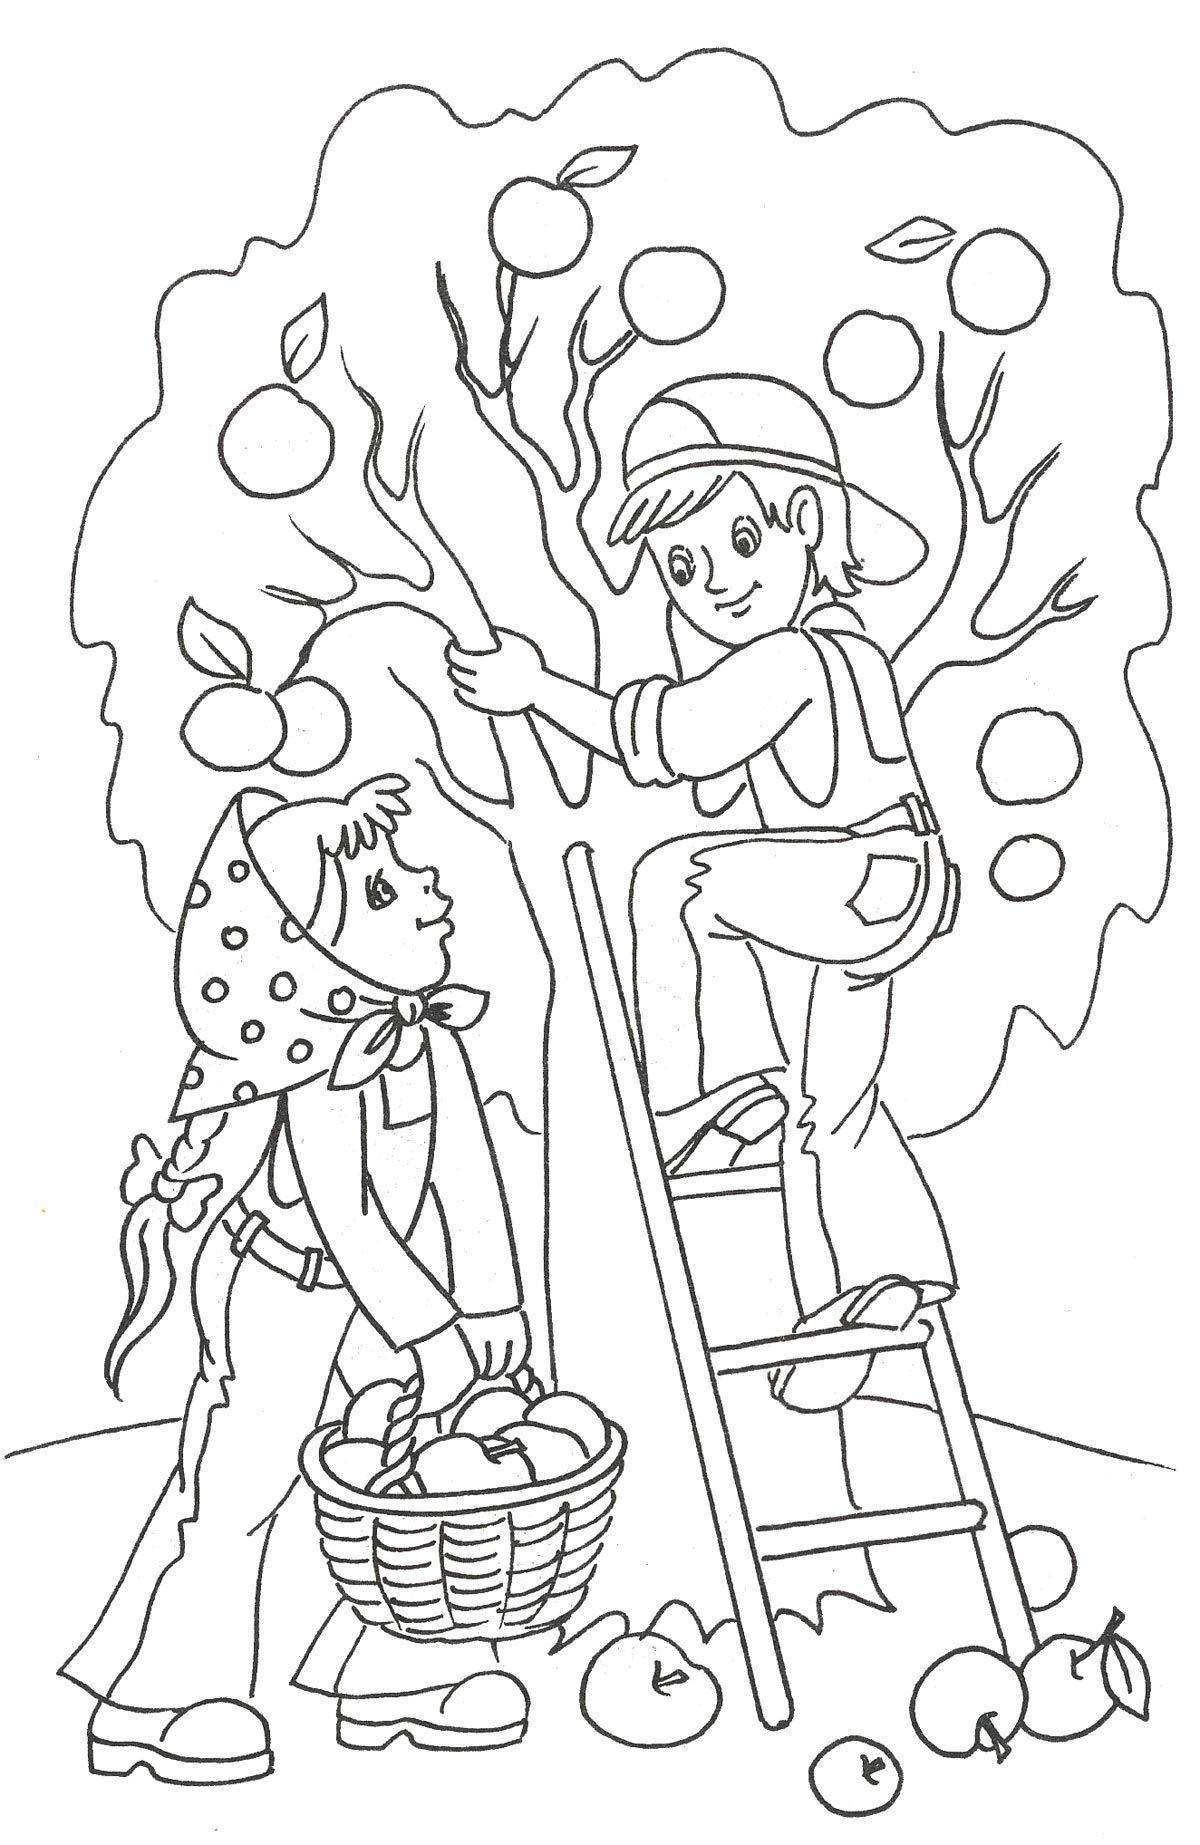 Раскраска. Осень | Раскраски, Рисунки для раскрашивания ...